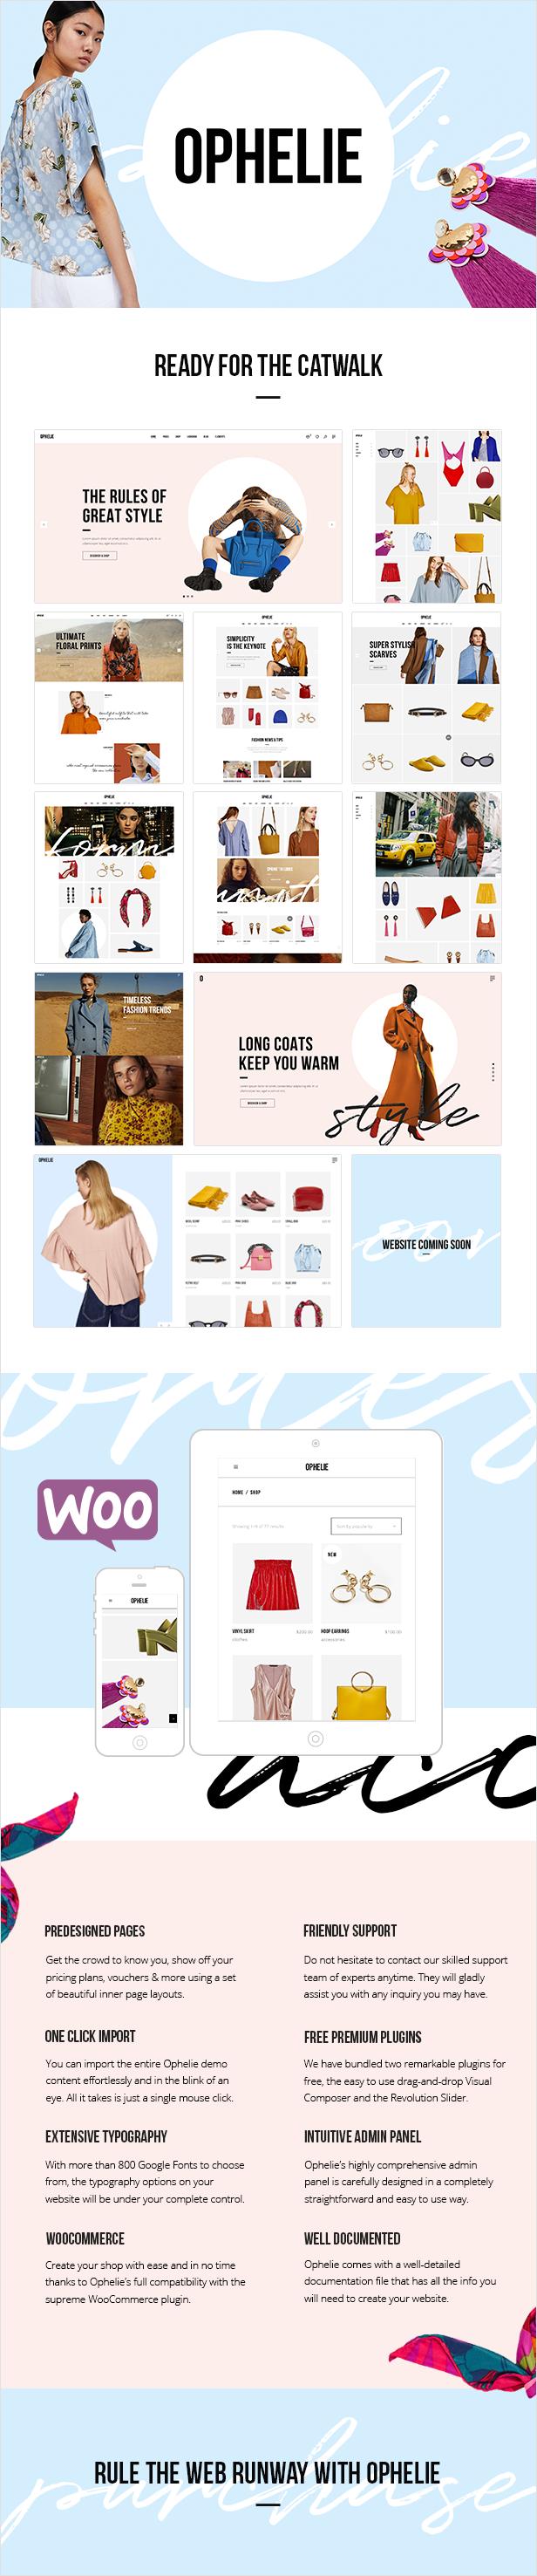 Ophelie - WooCommerce-Template für Modegeschäfte, -Shops und -marken